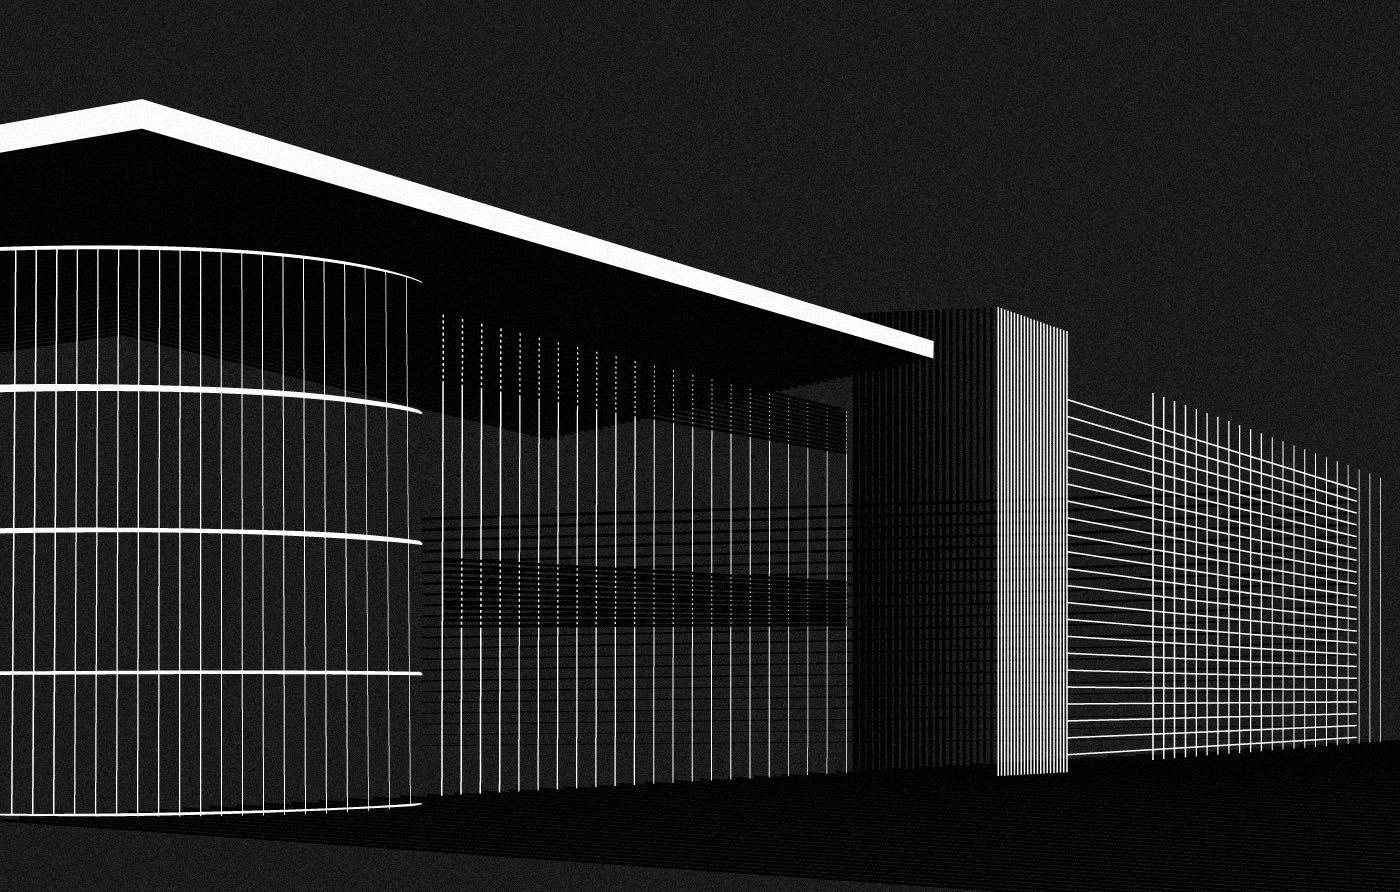 Architecture_Architectural_Illustration_Andrea_Minini_09